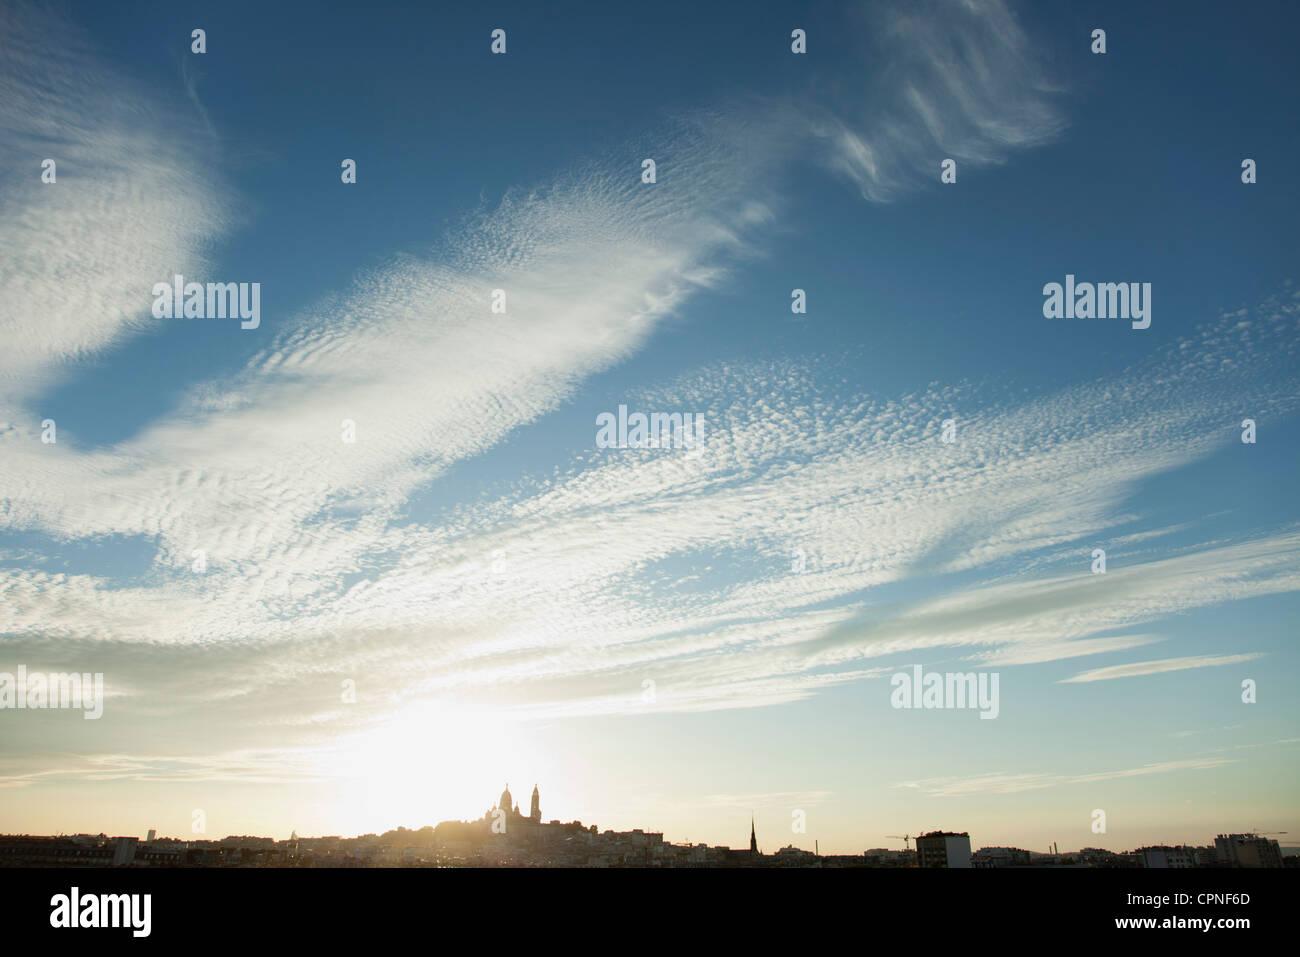 Puesta de sol sobre el horizonte lejano de París, Francia Imagen De Stock